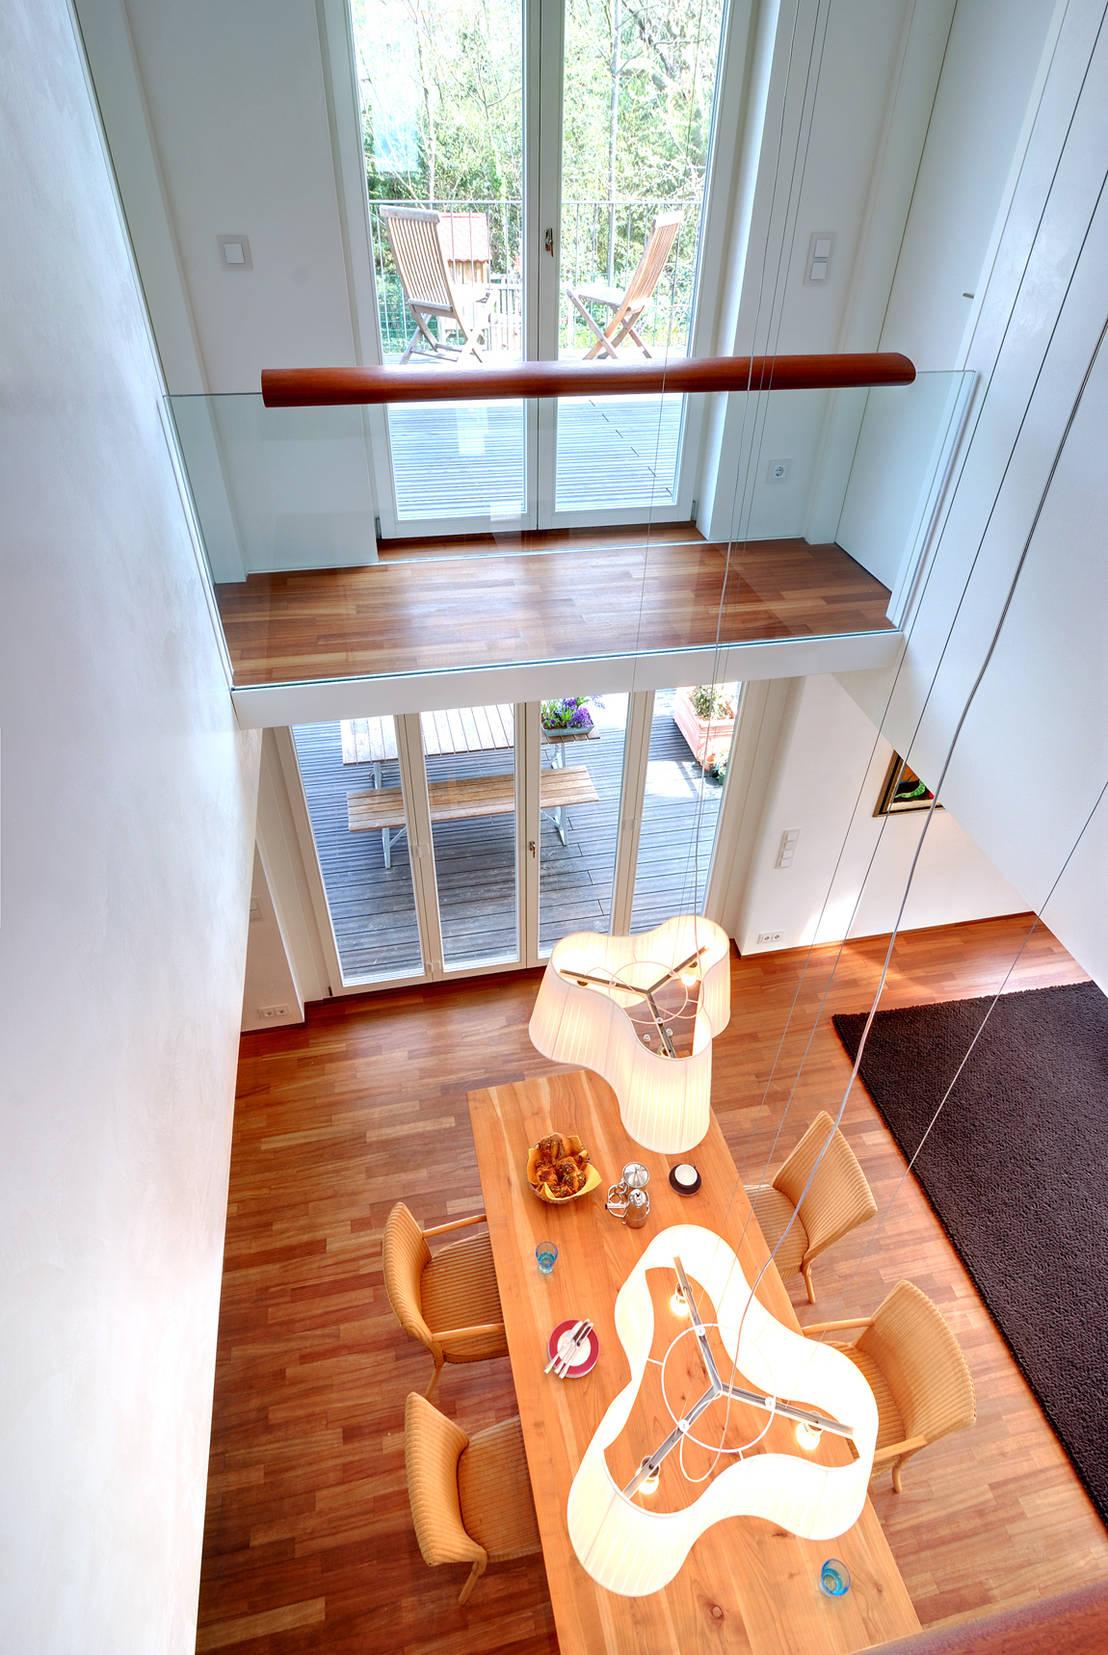 privathaus heidelberg von raumkontor innenarchitektur architektur homify. Black Bedroom Furniture Sets. Home Design Ideas